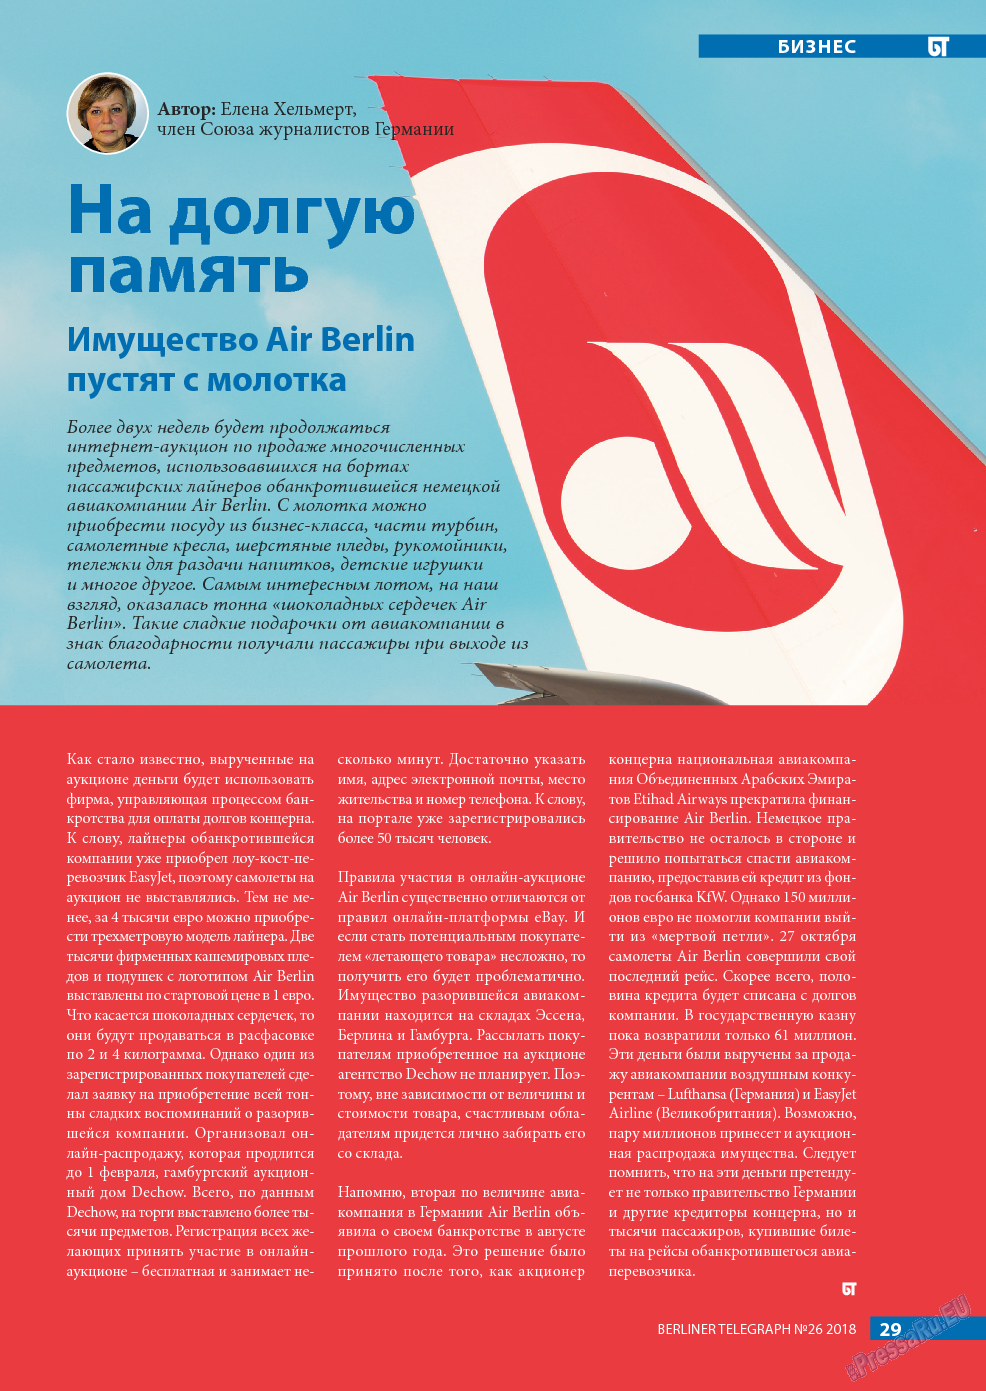 Берлинский телеграф (журнал). 2018 год, номер 26, стр. 29